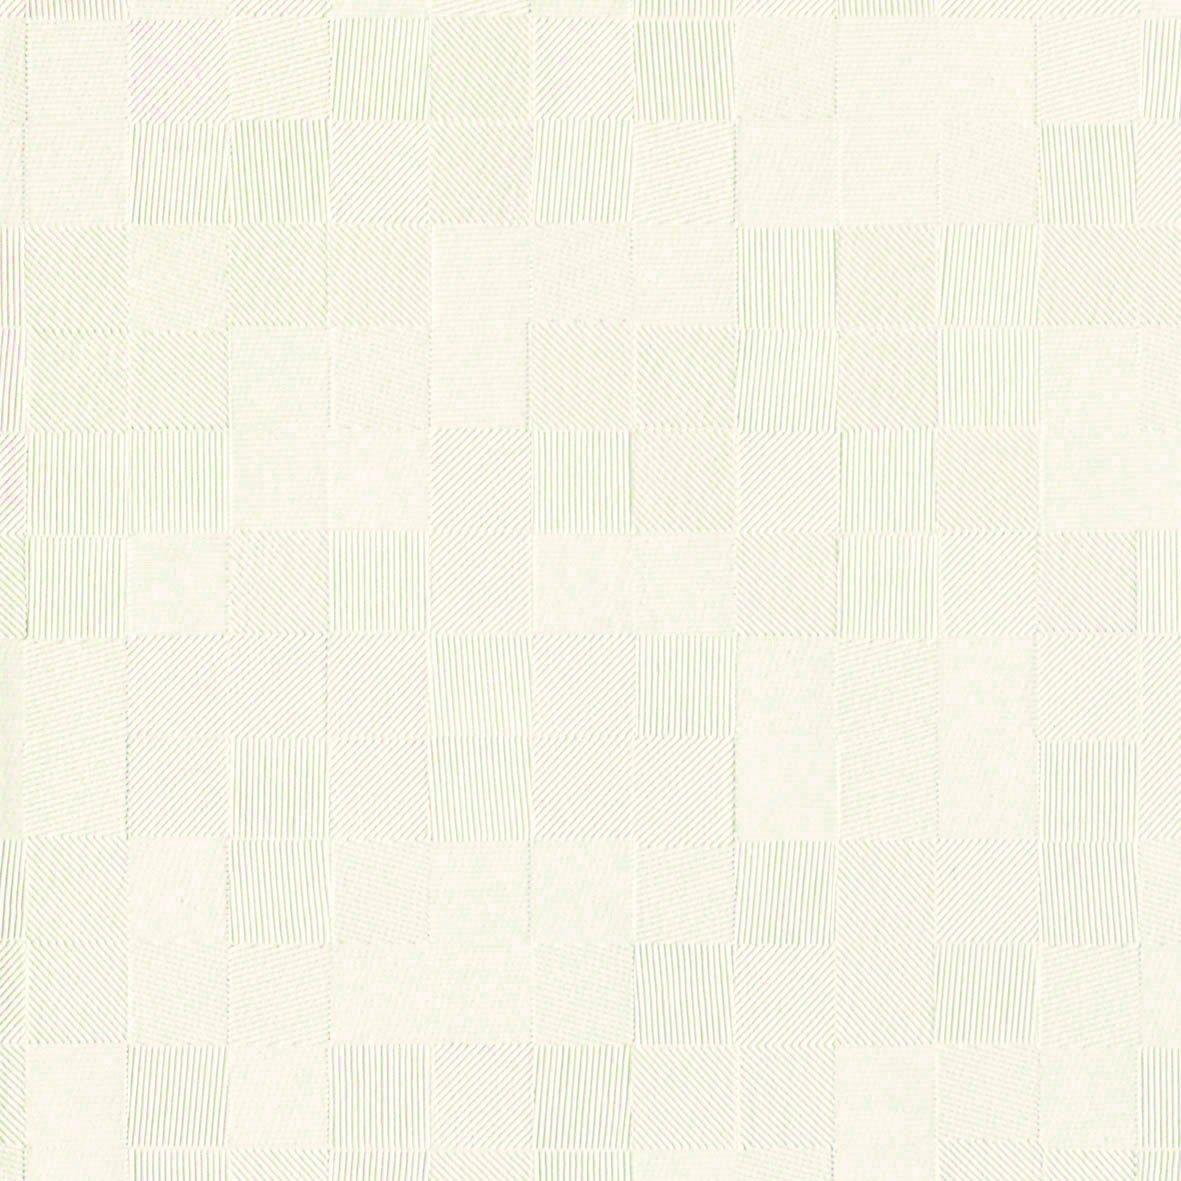 リリカラ 壁紙49m シンフル 石目調 ホワイト LL-8421 B01N3SU009 49m|ホワイト1